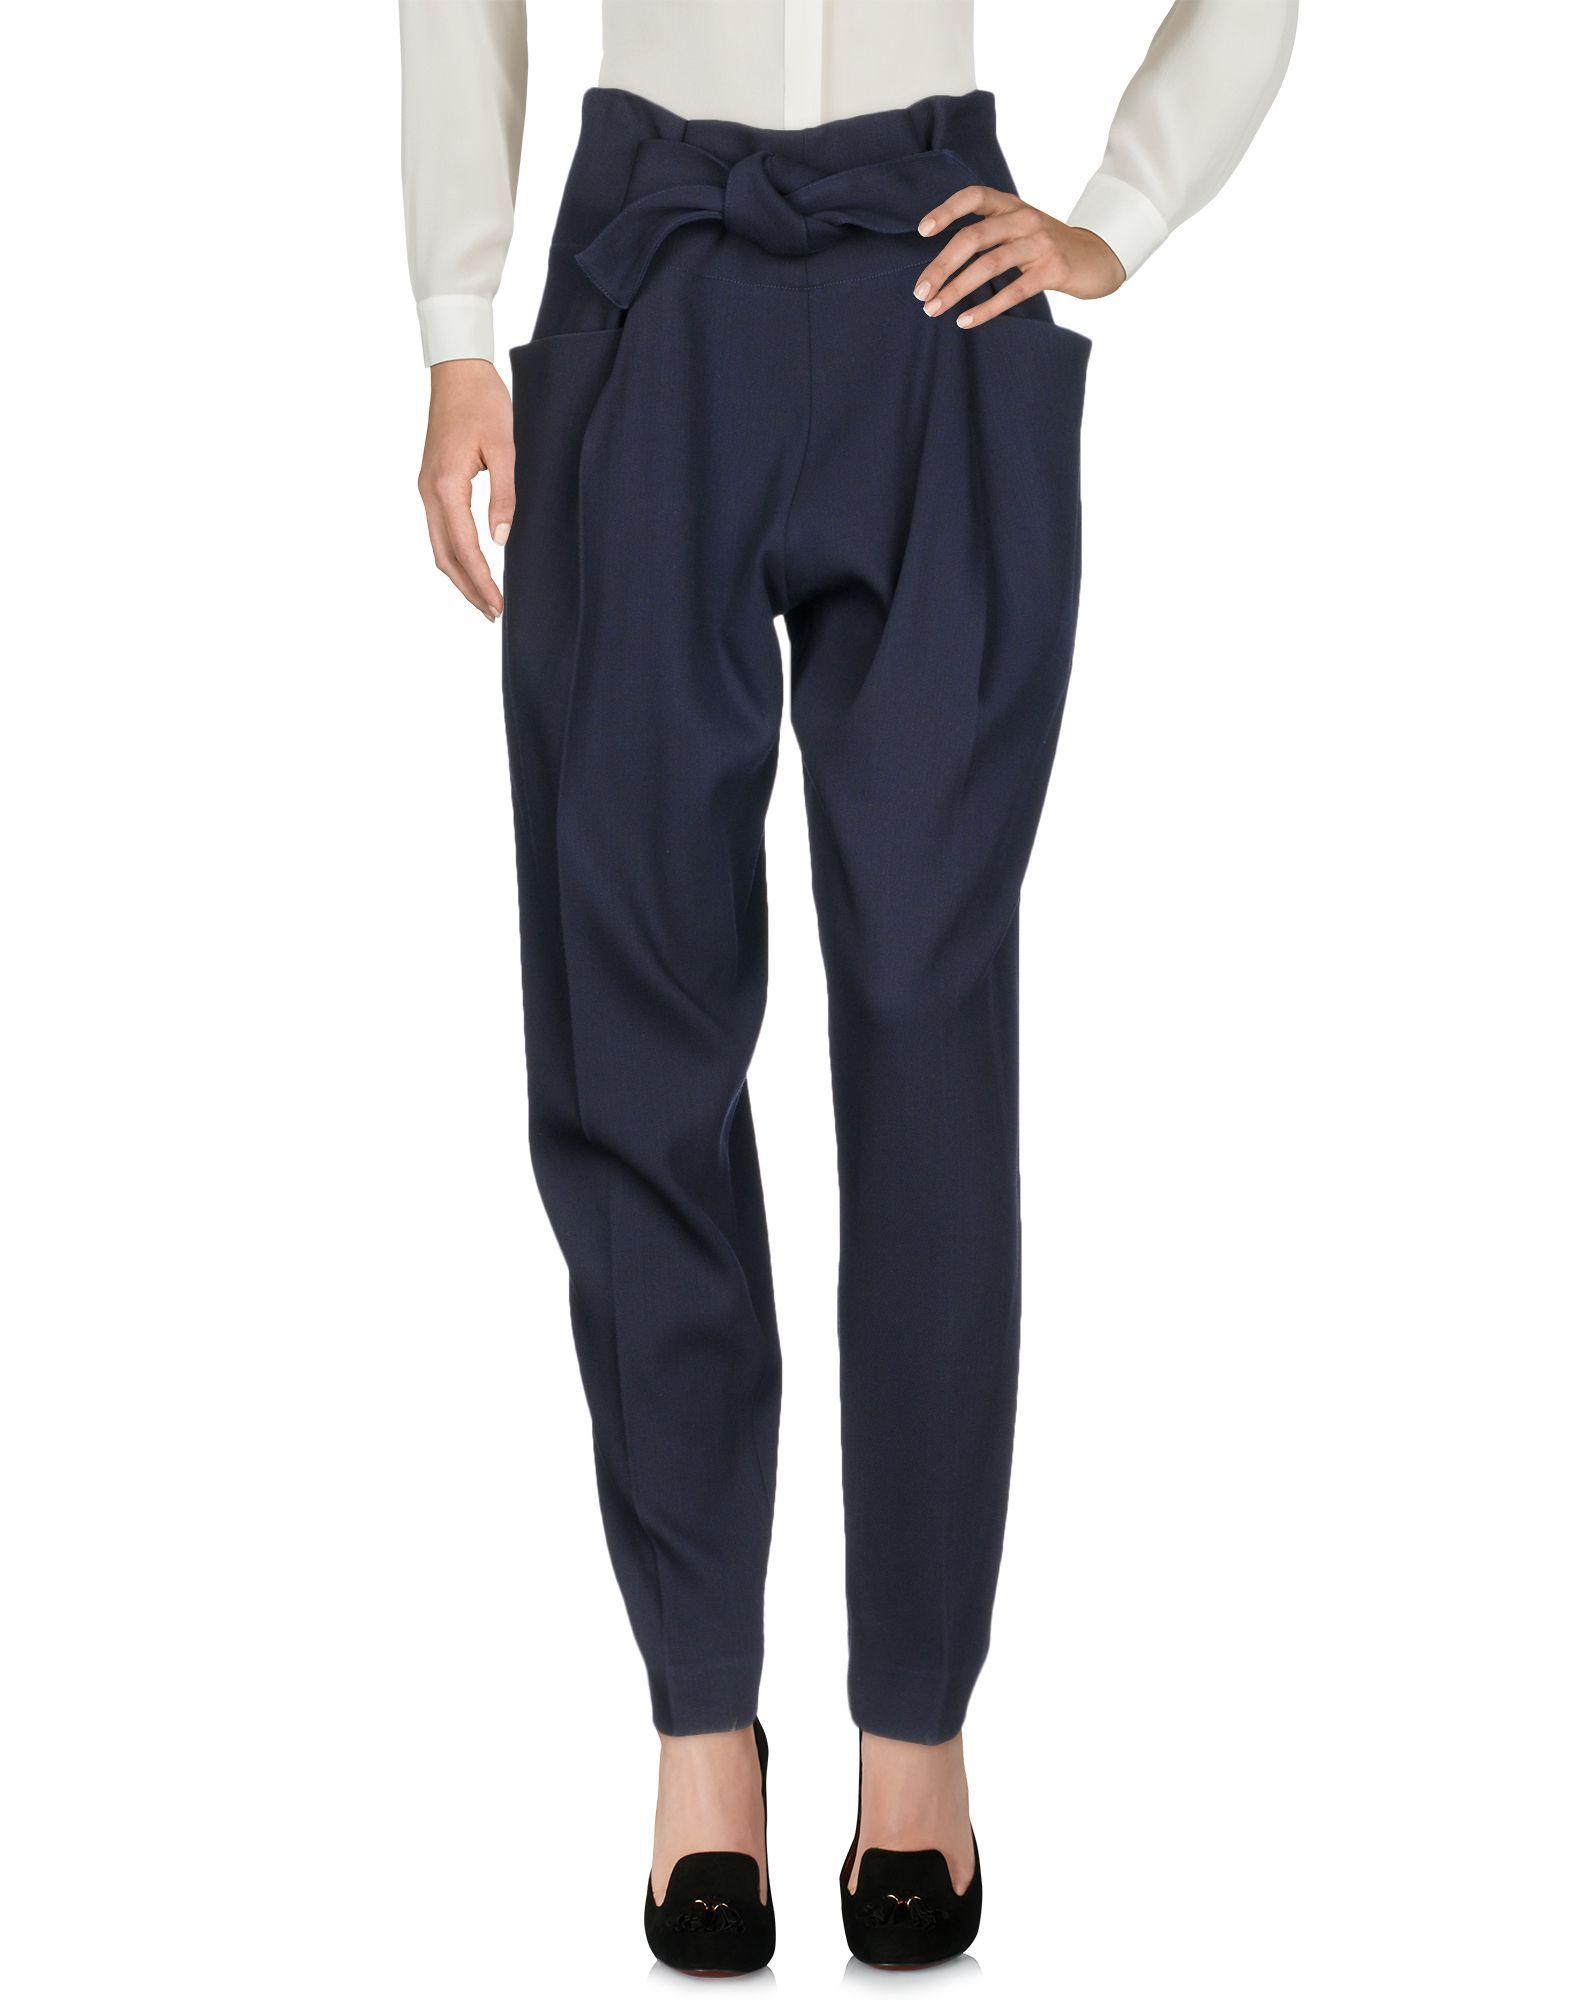 Victoria Beckham Dark Blue Wool Trousers